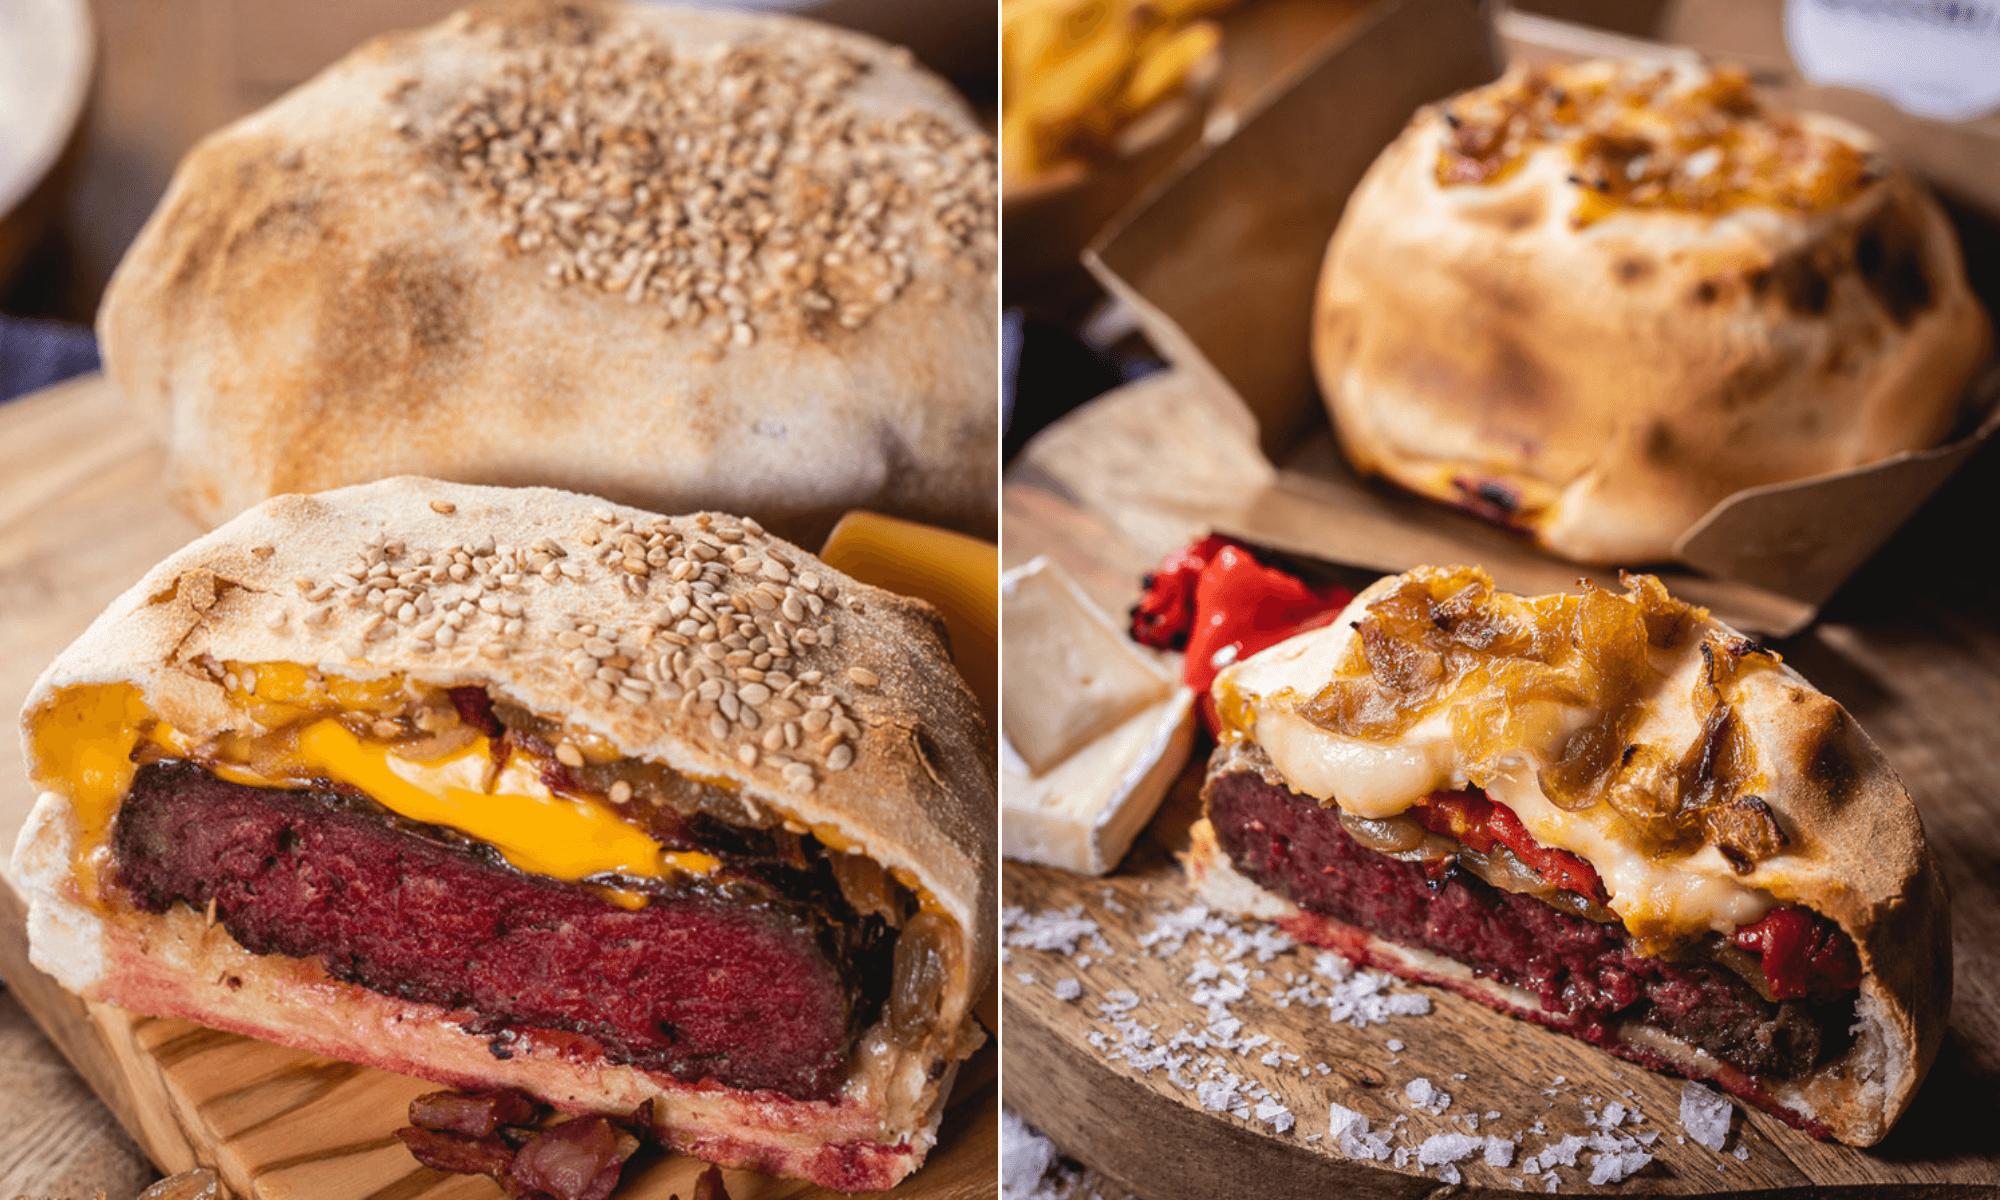 Hamburguesa envuelta en masa de pizza Así es 'Massburg', la nueva tendencia gastronómica en Madrid que causa furor 2